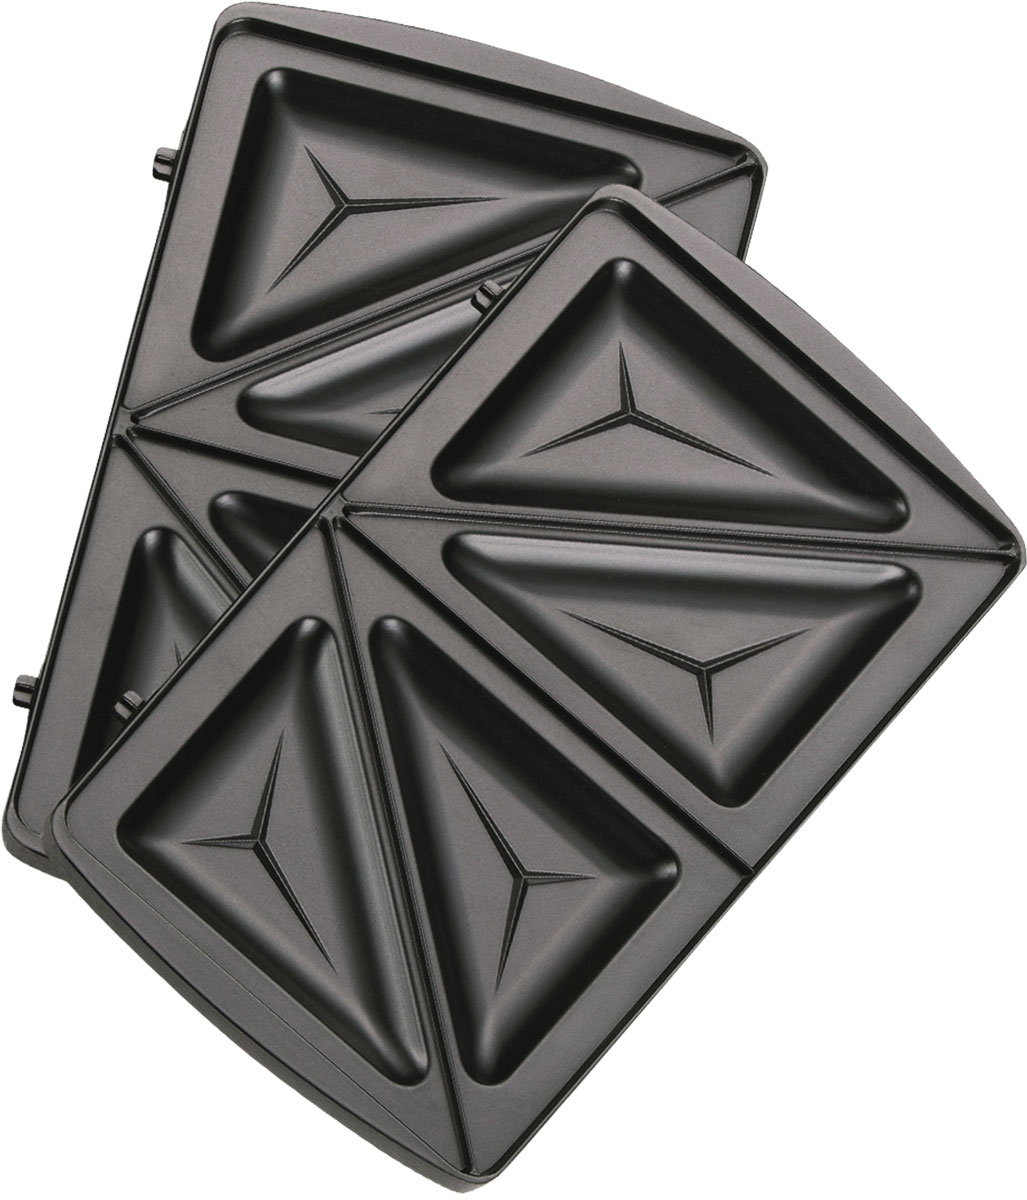 Redmond RAMB-01 панель для мультипекаряRAMB-01Универсальные съемные панели для любого мультипекаря REDMOND!Позволят приготовить аппетитные треугольные сэндвичи и горячие бутерброды с разнообразной начинкой.Панели изготовлены из металла с антипригарным покрытием – они долговечны и легки в уходе.